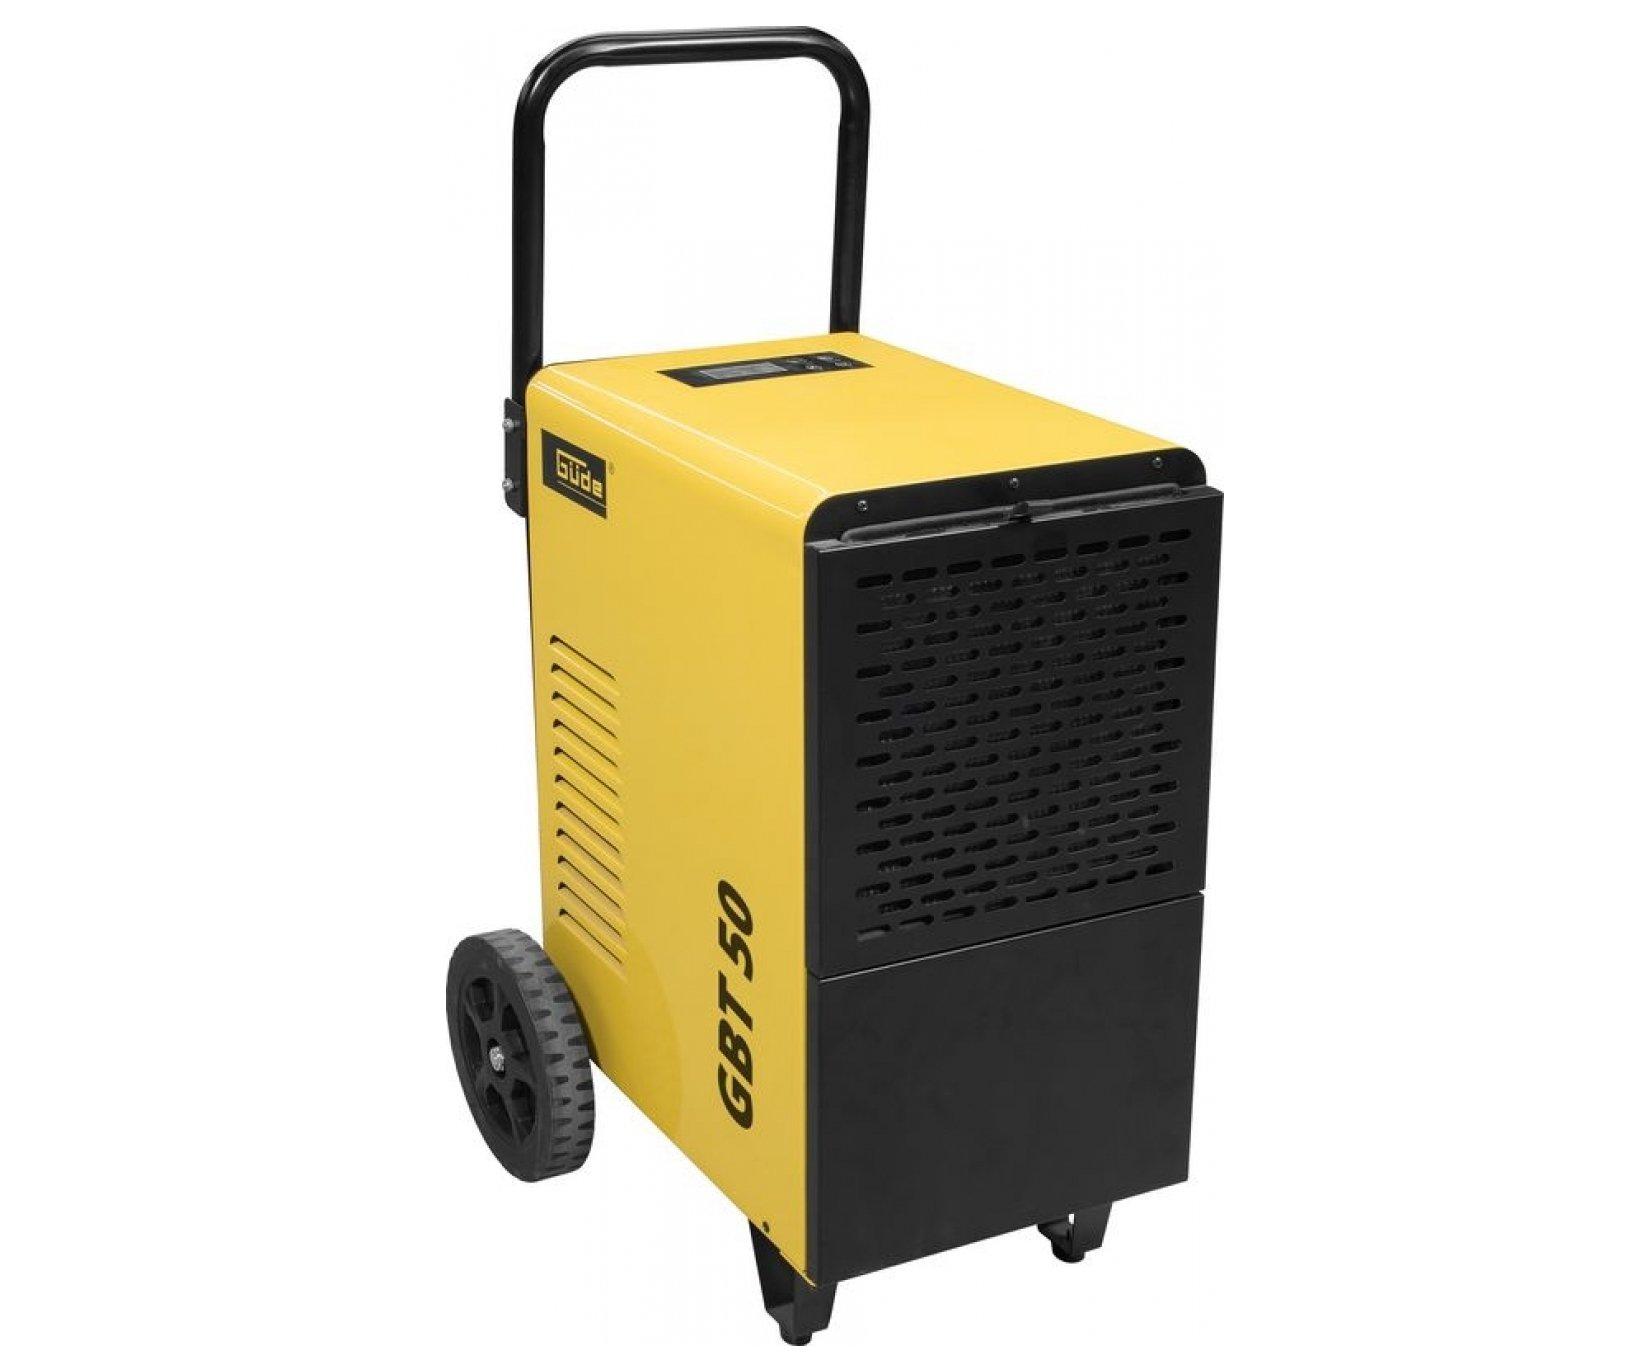 Odvlhčovač vzduchu 950W GBT 50 Güde